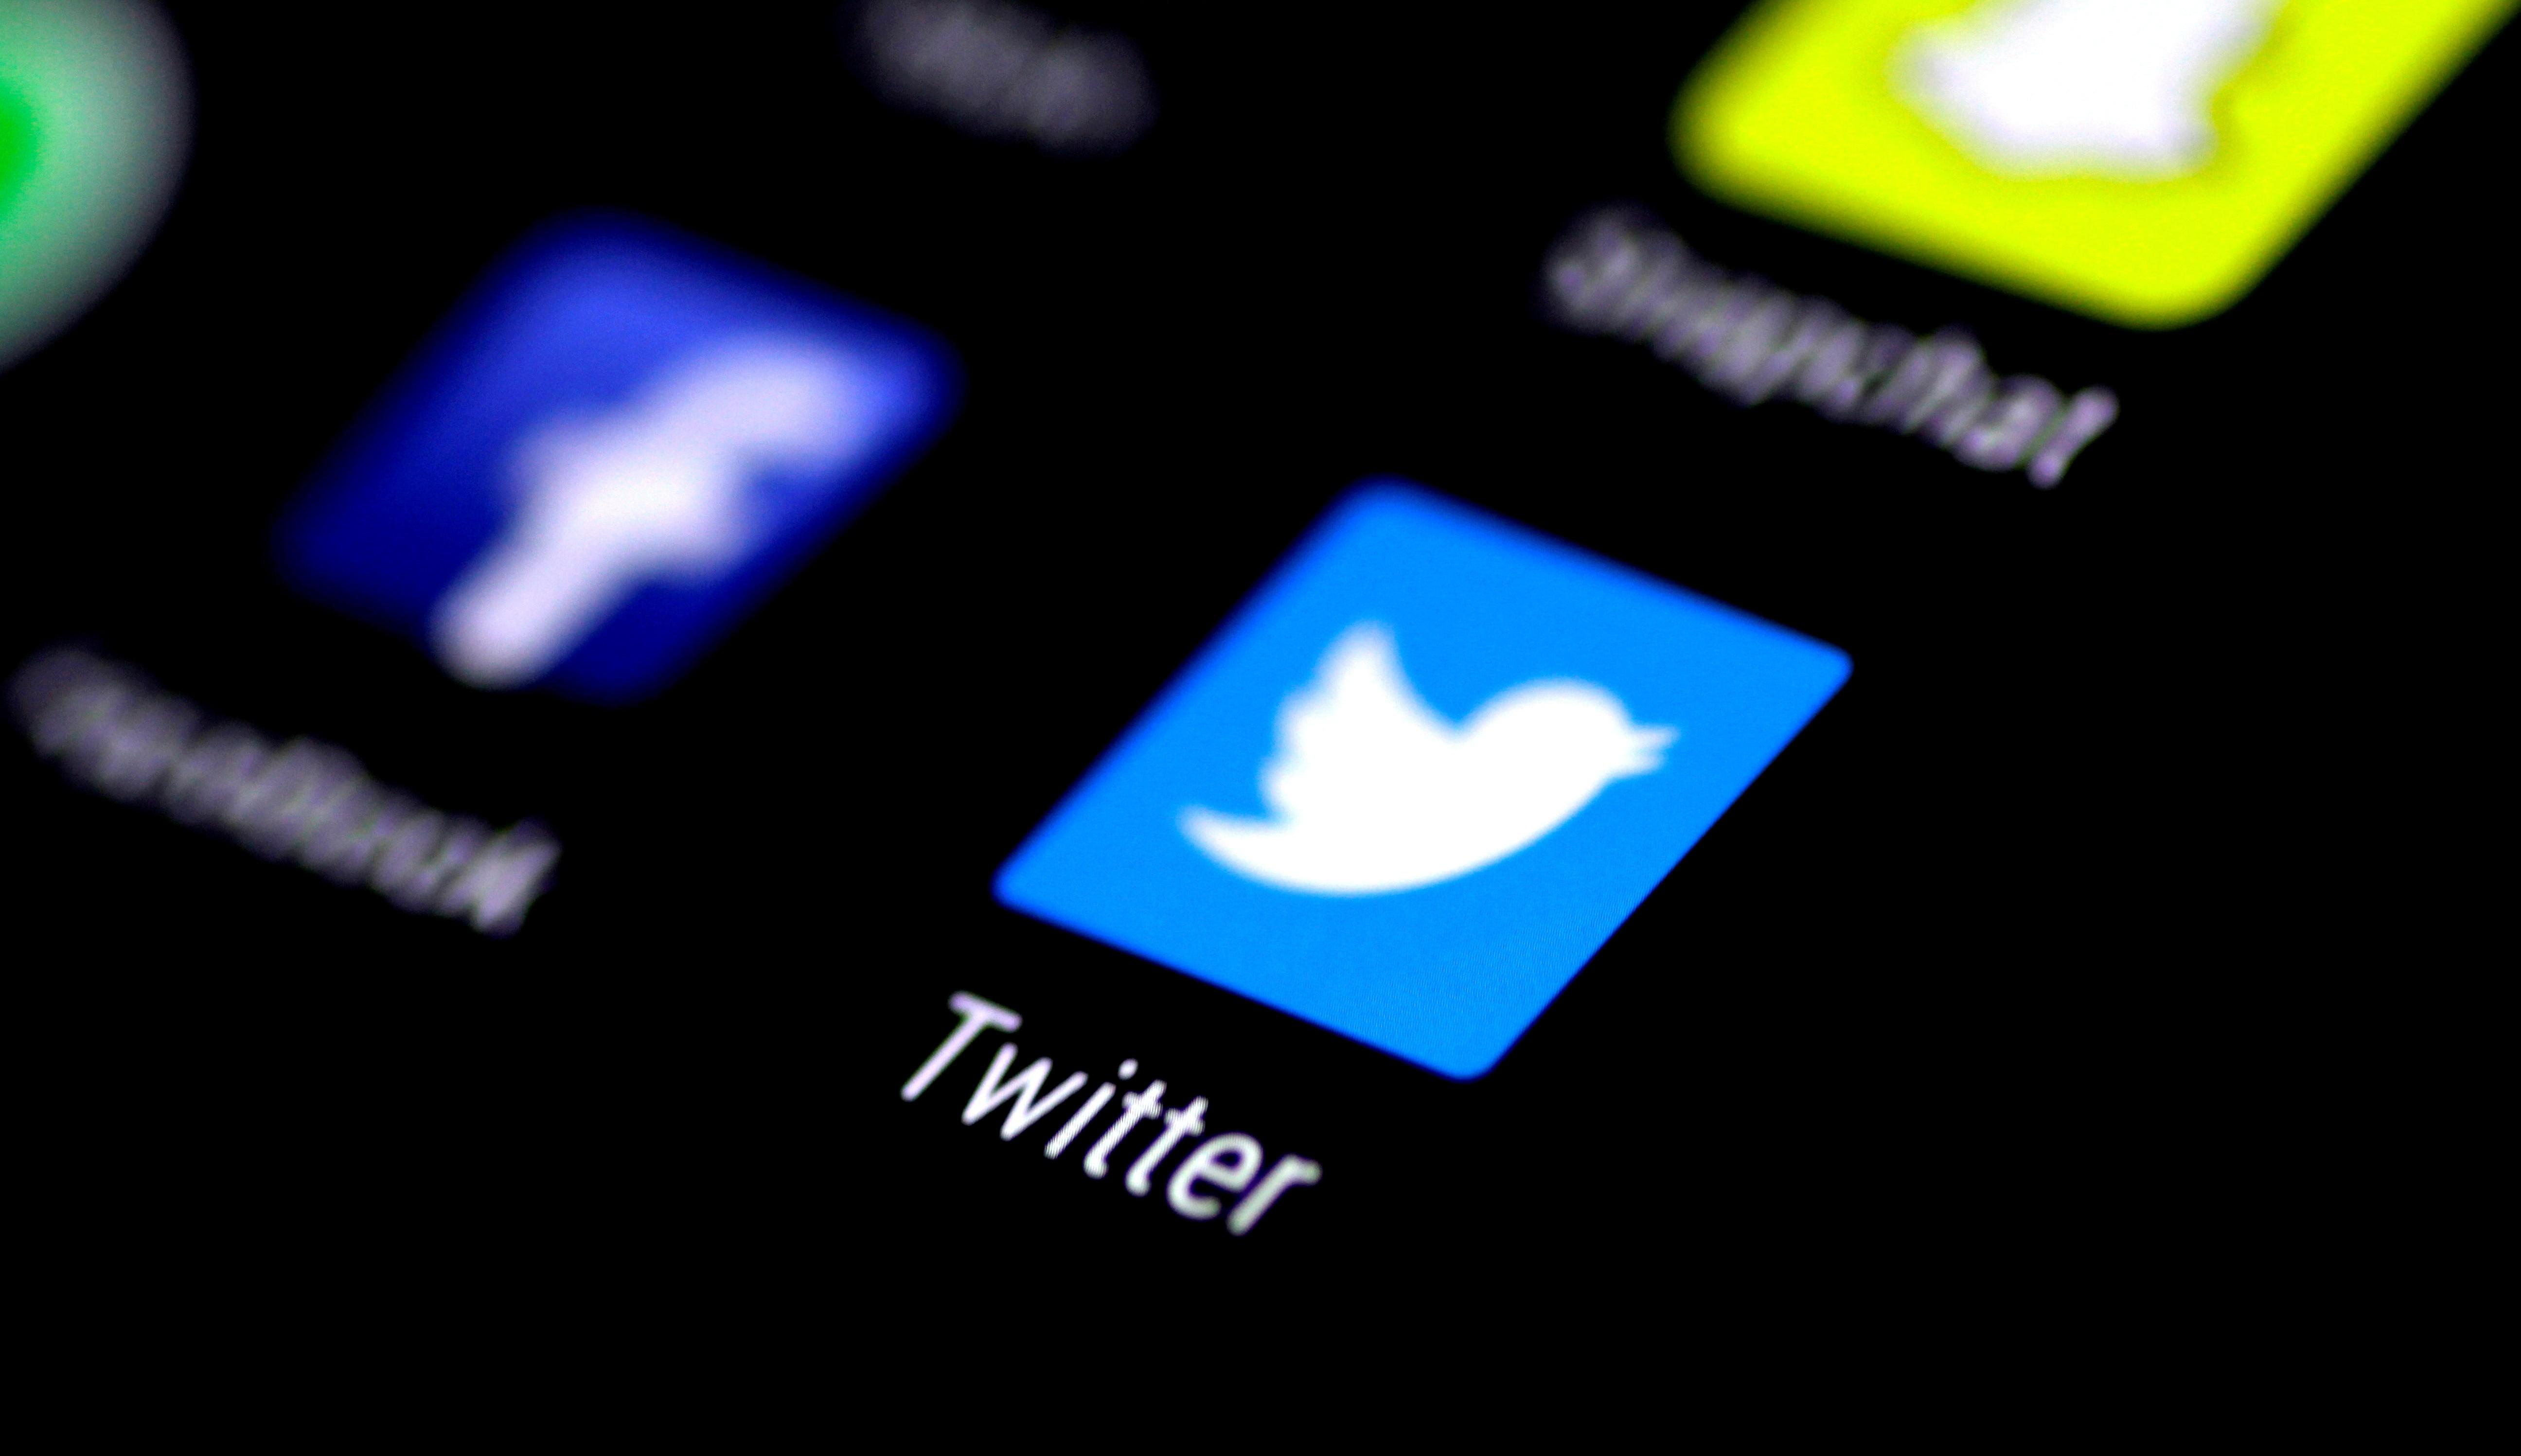 Twitter diz que seu algoritmo amplifica discurso de direita, mas não sabe o porquê